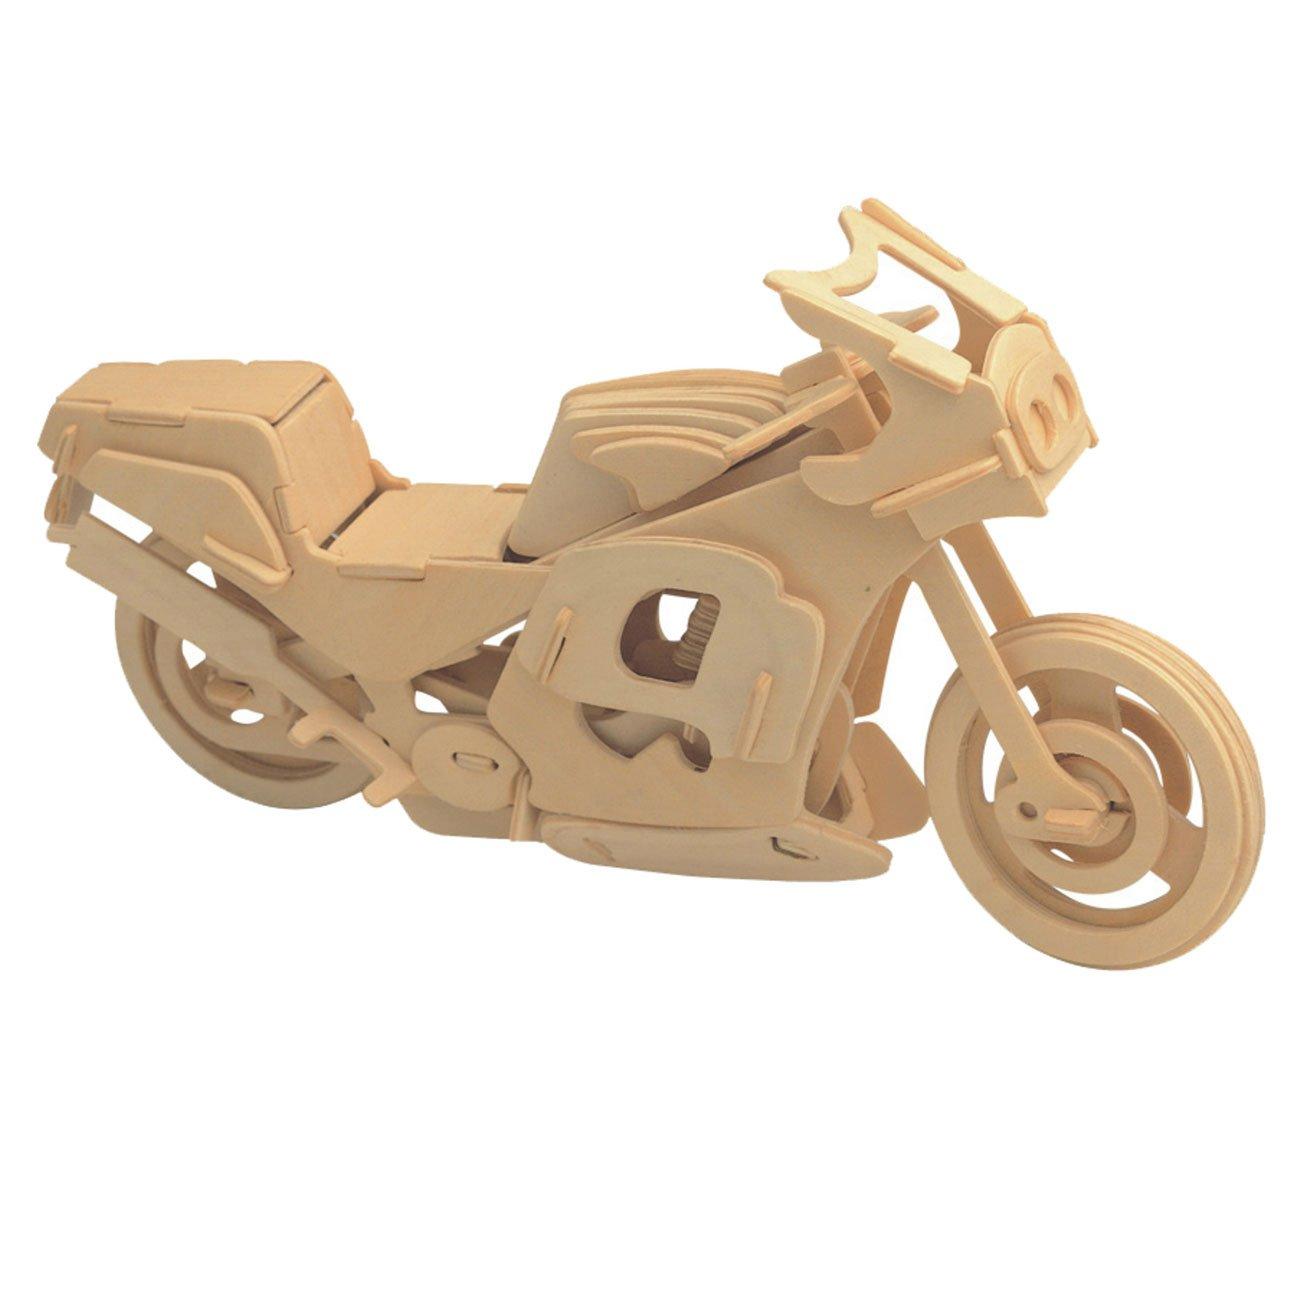 豪華で新しい MIFX ウッドクラフト 組み立てキット M-9 子供へのギフト カラーデザイン 教育 DIY ウッドクラフト おもちゃ 3D 組み立て 木製 ジグソーパズル 組み立て ハンドメイド木製モデル M-9 レーシング-バイク B077M4JPPK, mamaruria:ff5ba2b3 --- clubavenue.eu